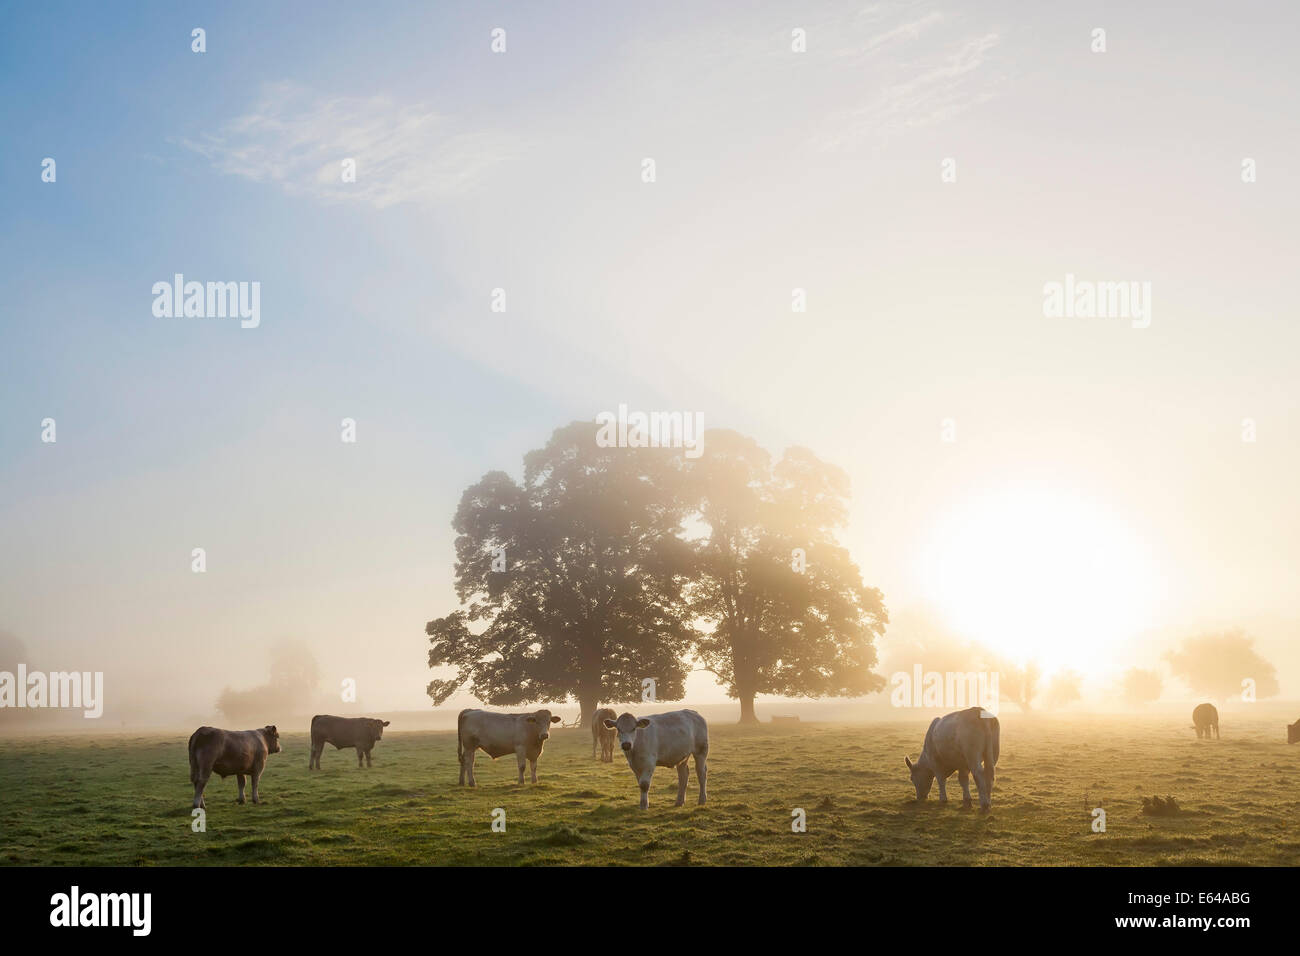 Las vacas en el campo, al amanecer, Usk Valley, al sur de Gales, Reino Unido Imagen De Stock